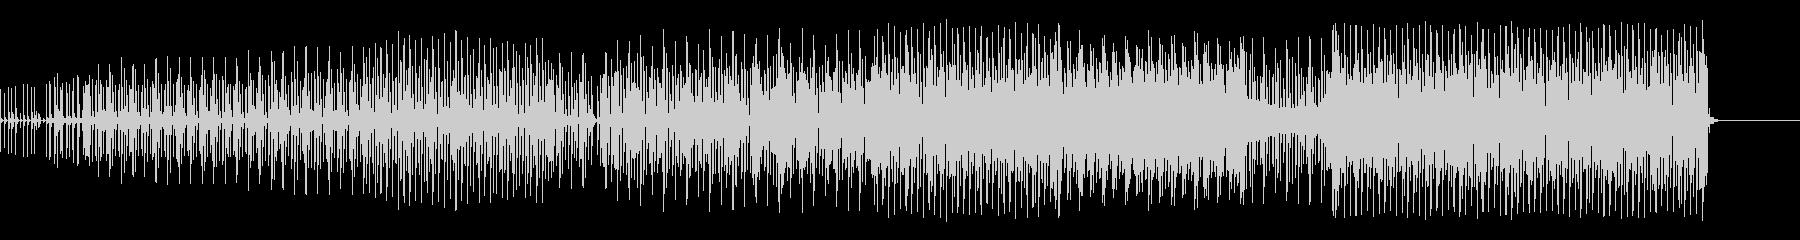 レゲエインスタンスグルービングバウ...の未再生の波形